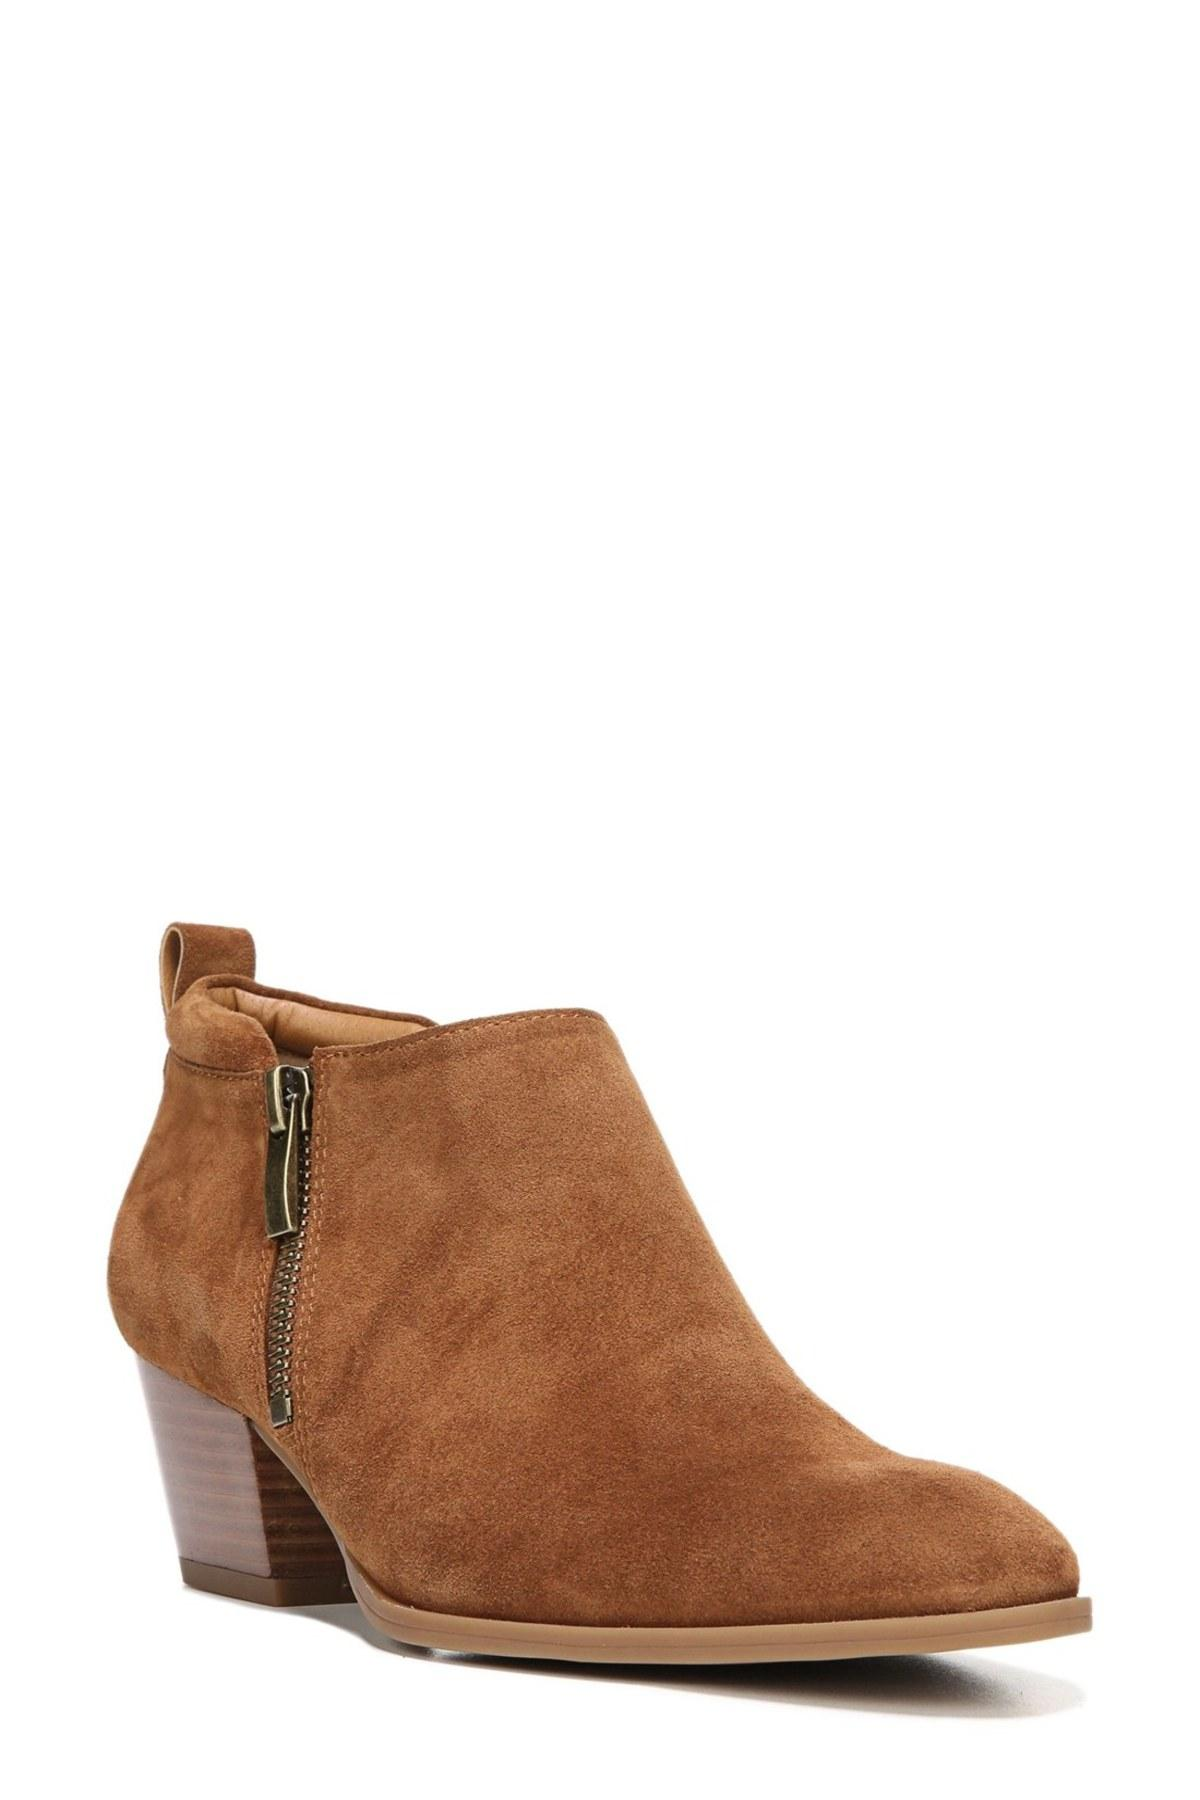 Shoes Too Wide In Heel